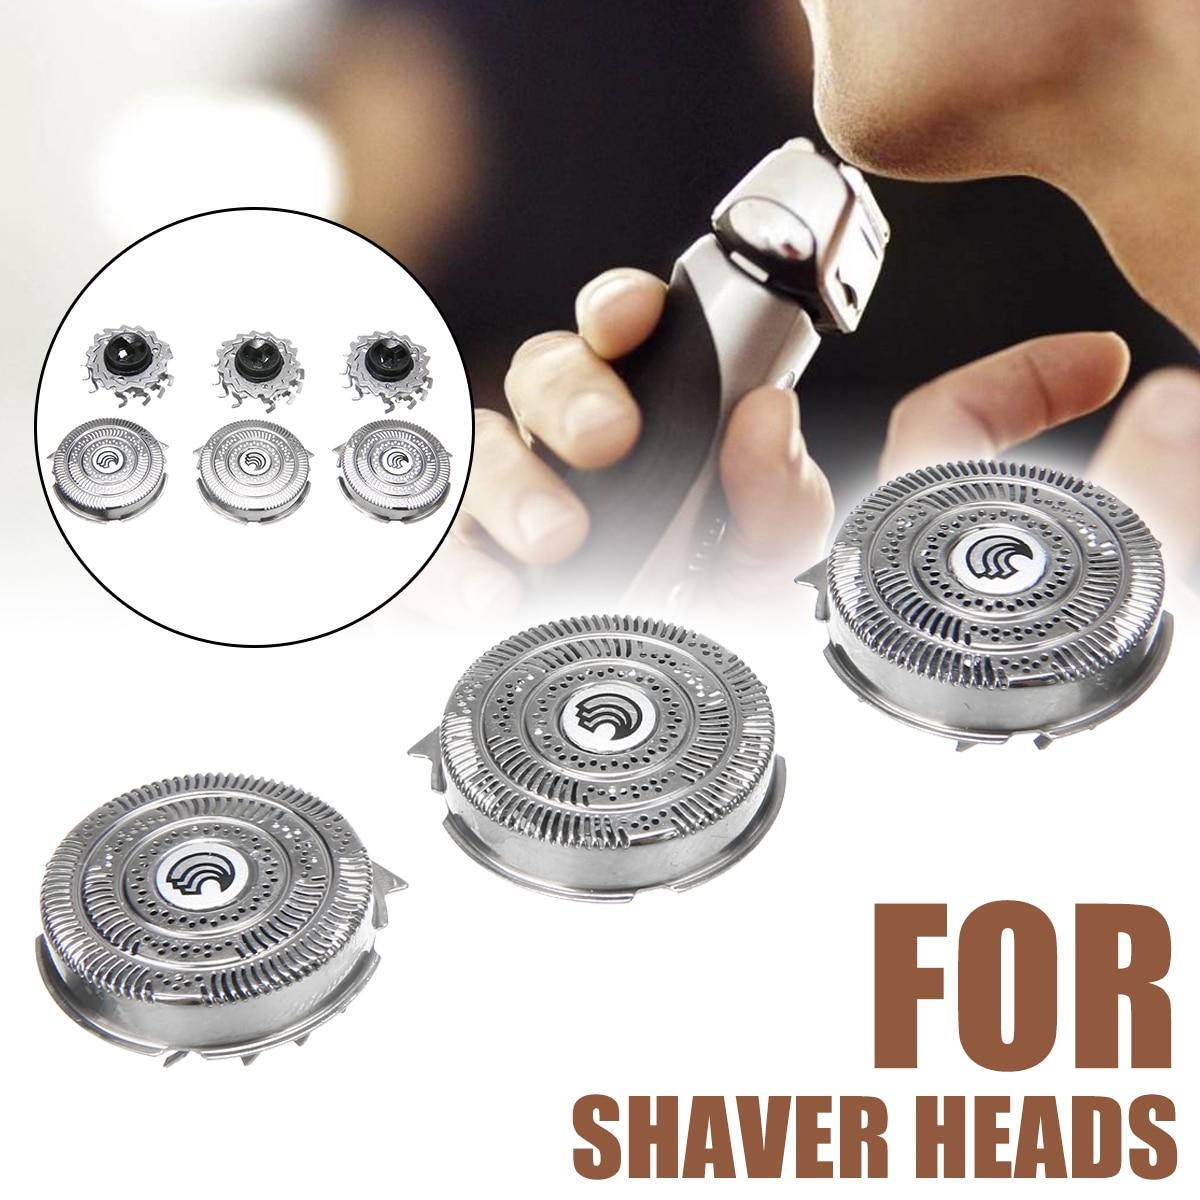 3 uds cabezales de afeitado de repuesto cuchillas para SpeedXL HQ9 cuchilla de afeitar de seguridad hoja de afeitar